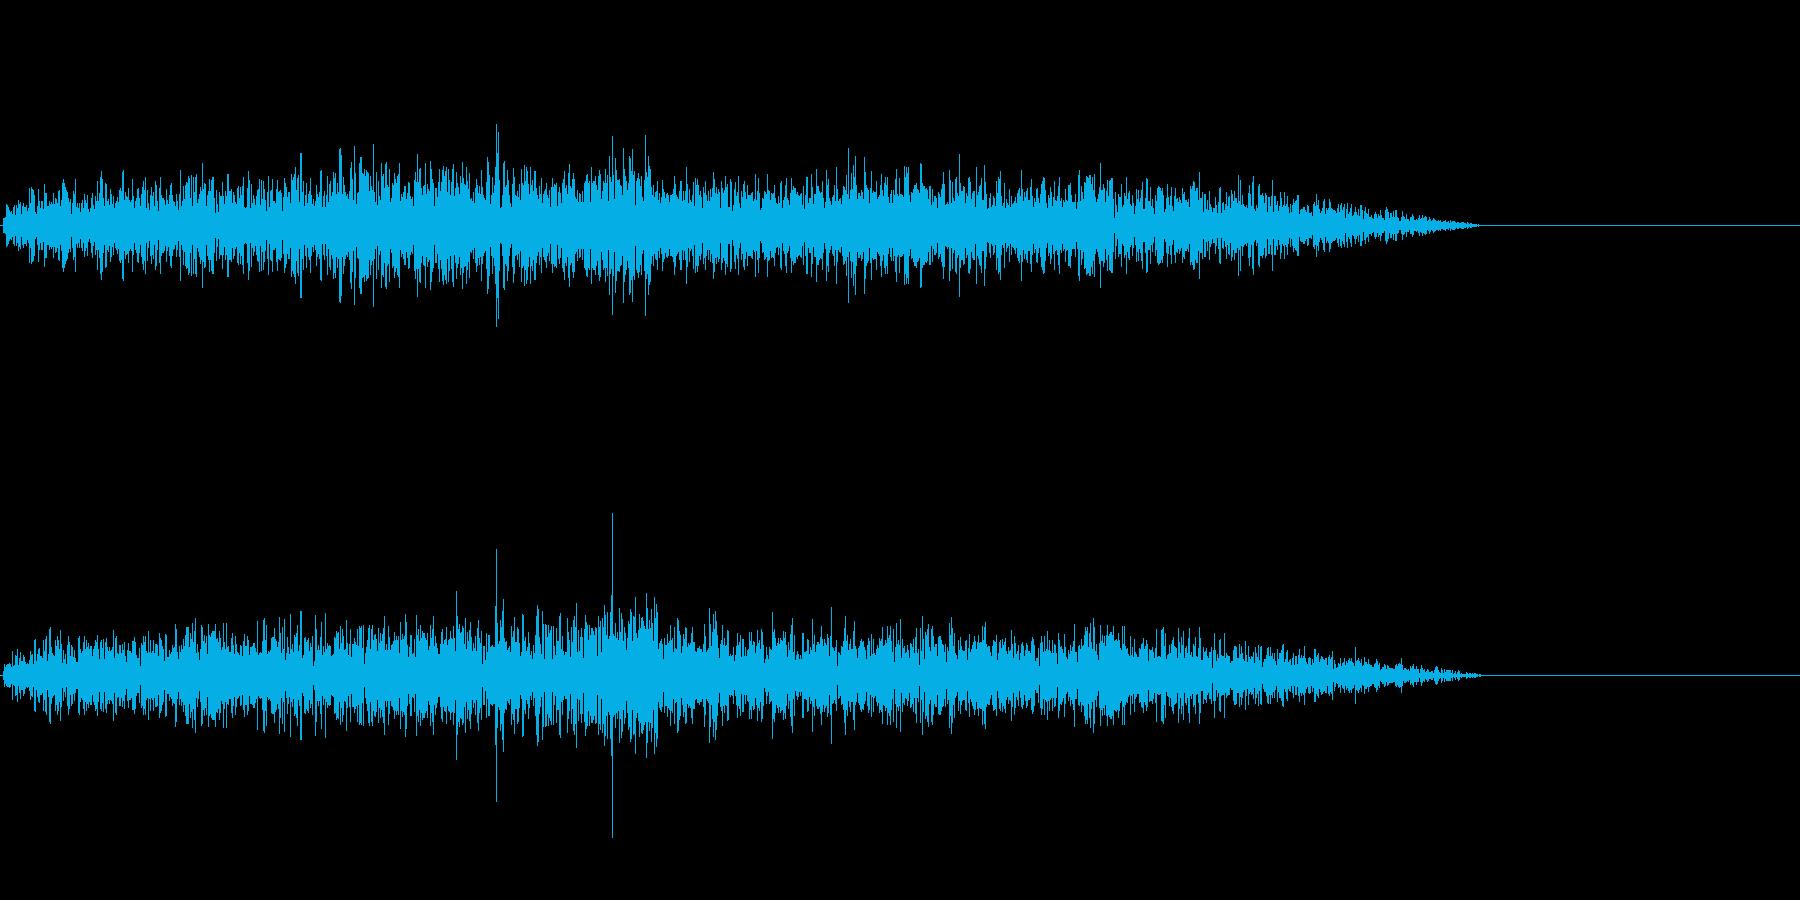 ぼーー、という風の鈍い音のようなもので…の再生済みの波形